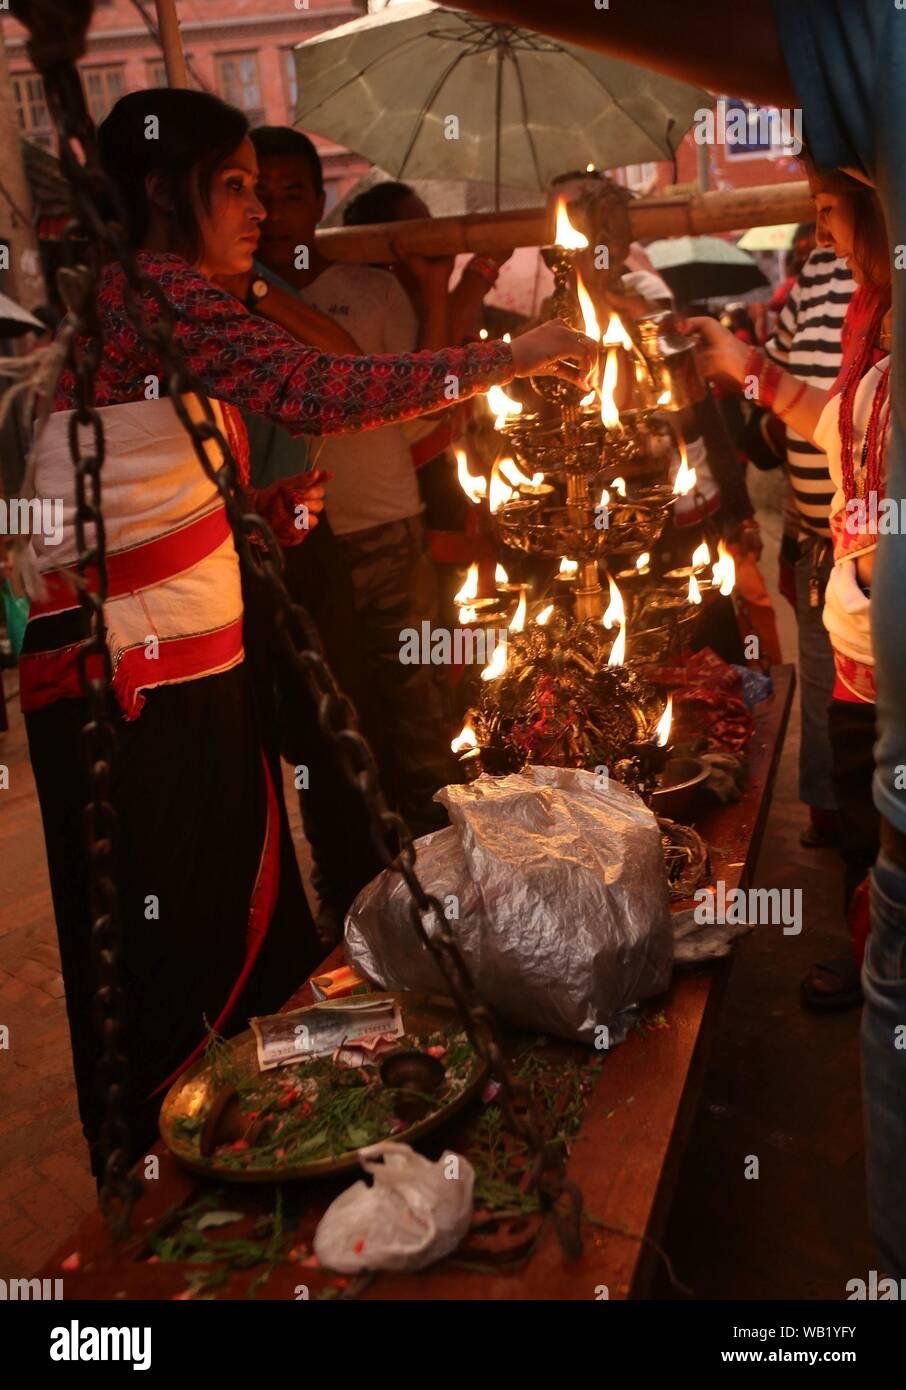 Les gens portent des lampes allumées pendant leur participation à un défilé pour marquer la fin d'une semaine de Gaijatra festival à Bhaktapur. Les hindous ont célébré la fête en commémoration de la mort des êtres chers et prier pour la paix de l'âme. (Photo par Archana Shrestha/Pacific Press) Banque D'Images